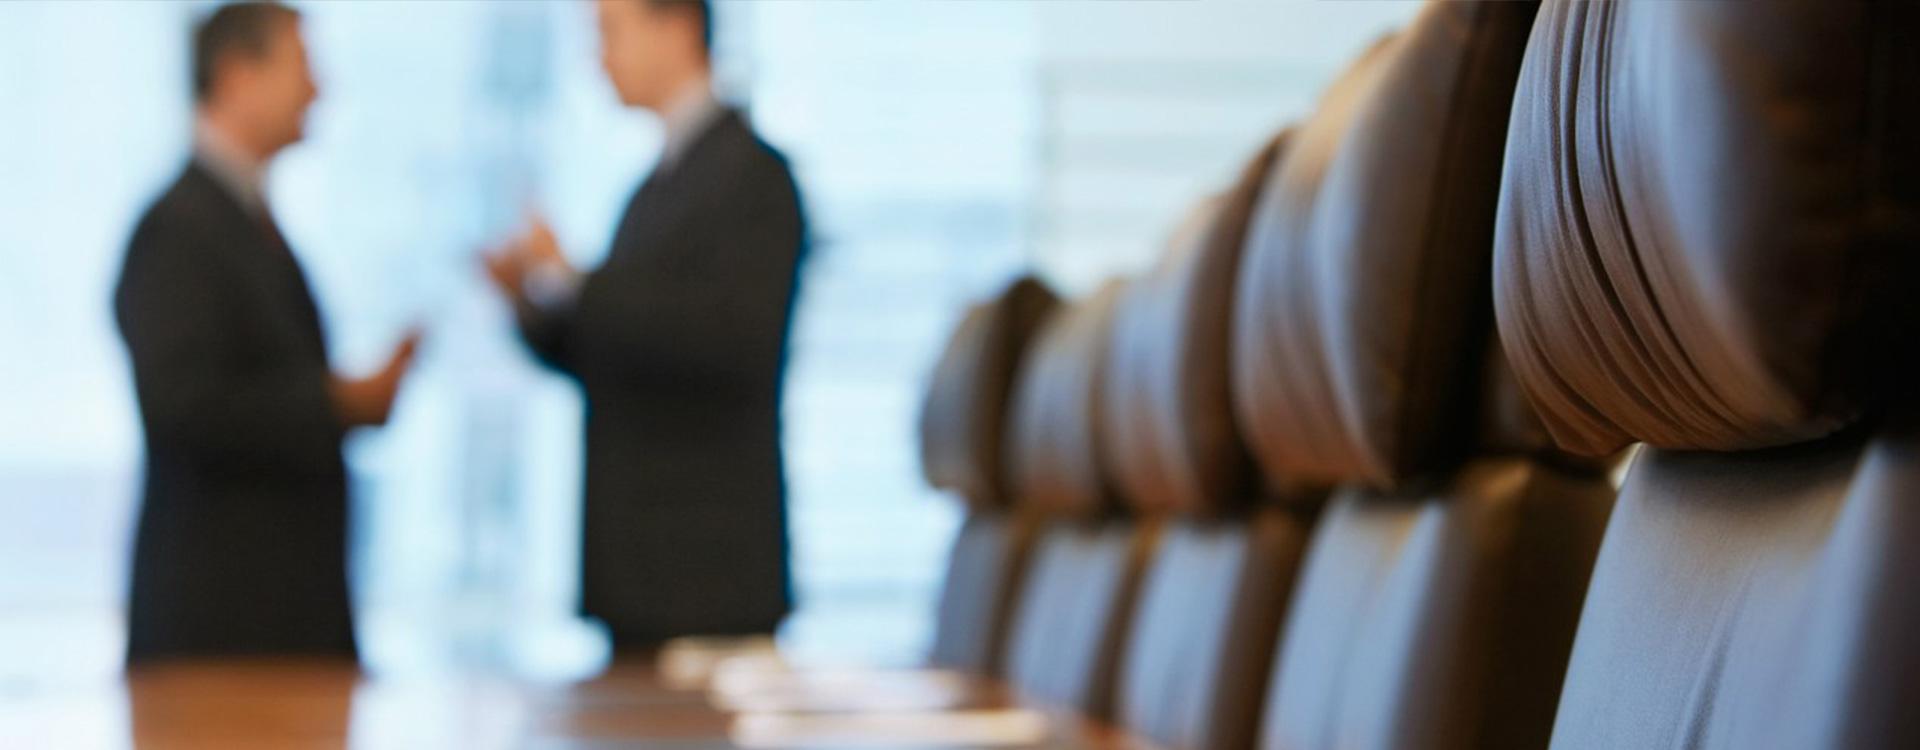 BF4 Business - Zarządzanie produkcją i optymalizacja procesów biznesowych